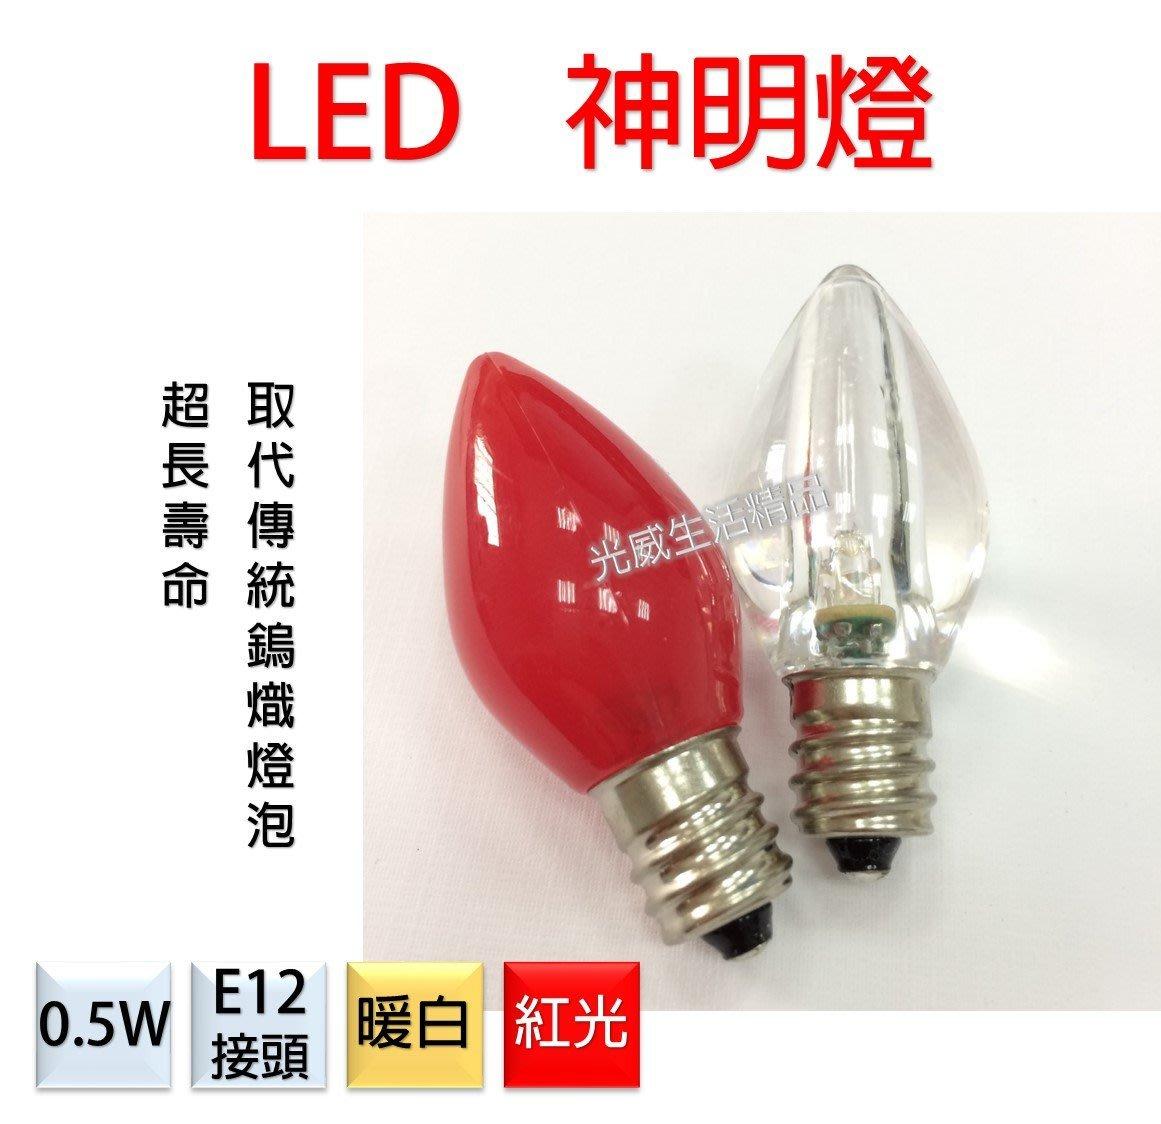 LED 神明燈 E12 0.5W 小夜燈 神明燈 小紅燈 球泡 取代傳統